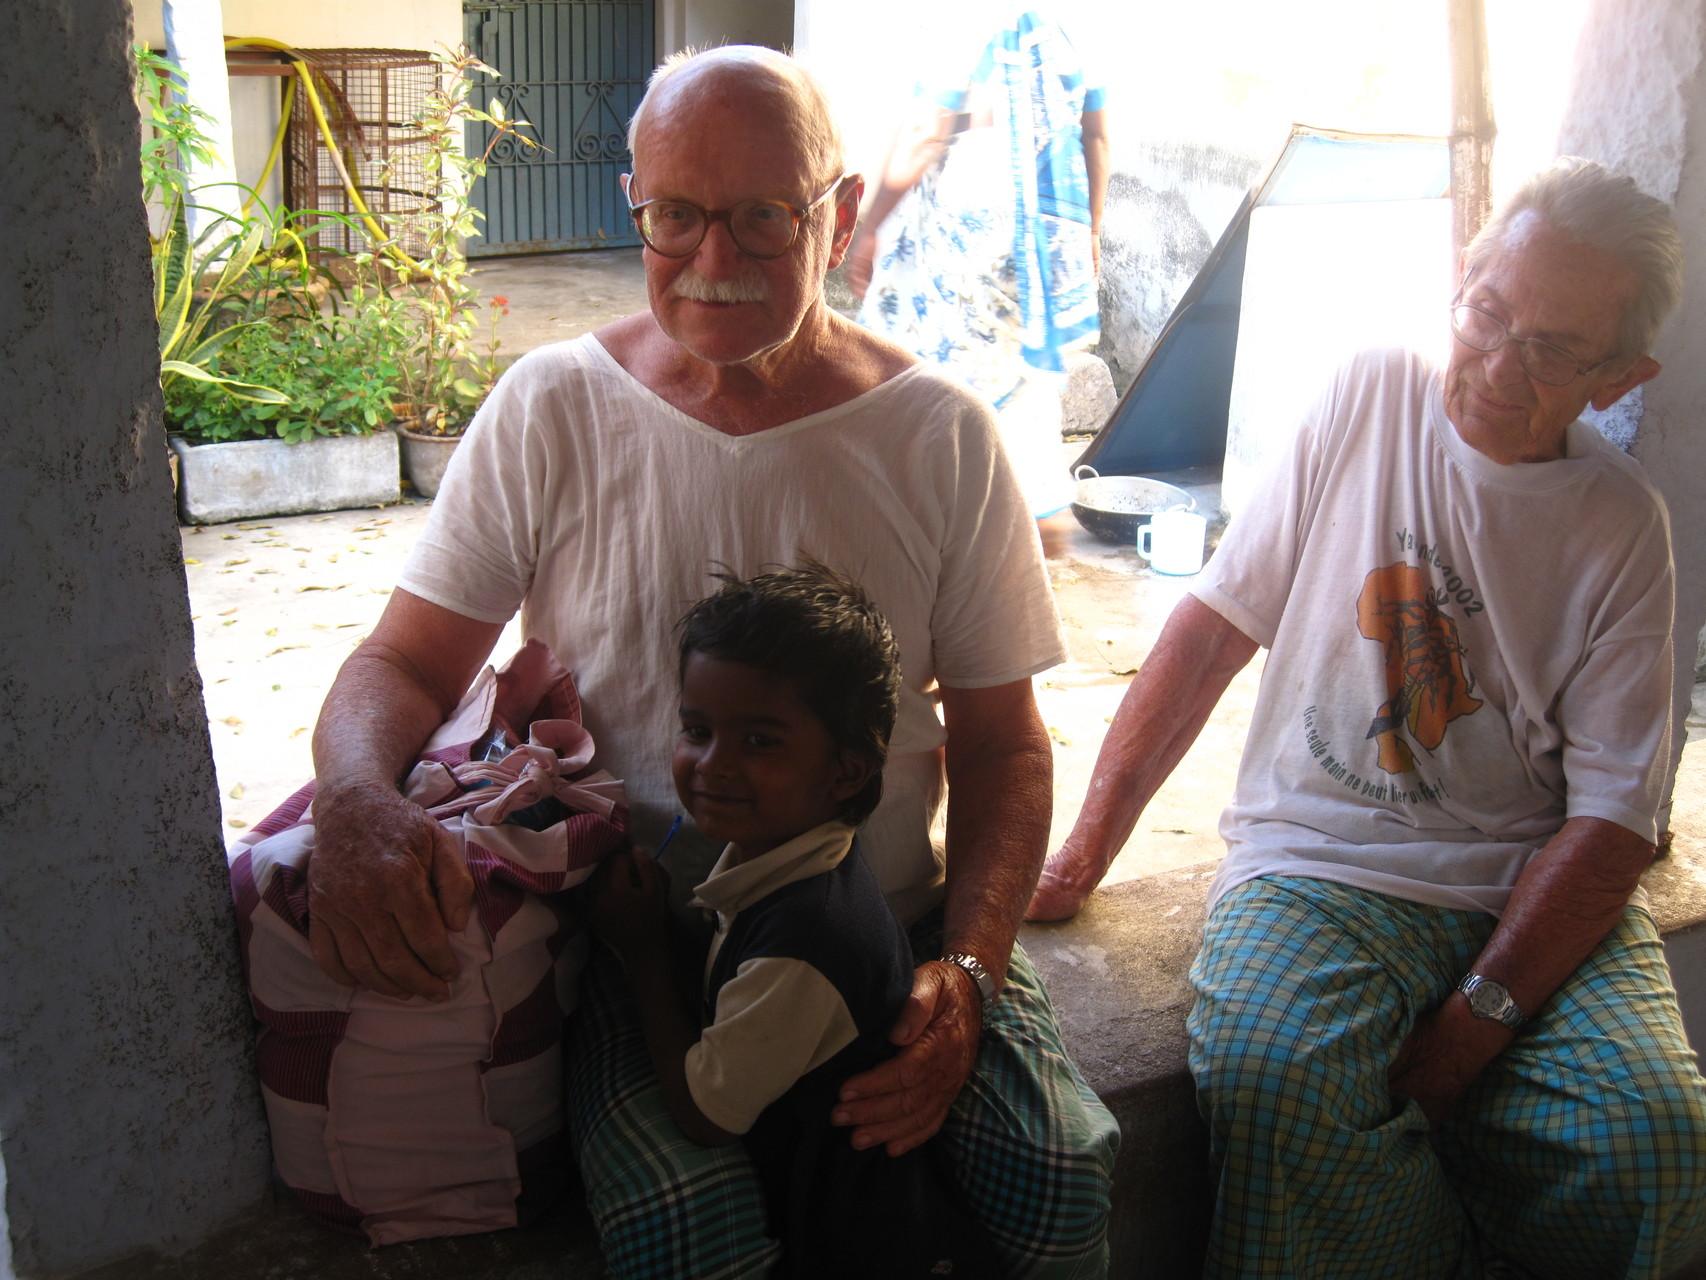 Shanti et Michel dans la cour de la Fraternité d'Alampoondi avec Raja le petit voisin - Janvier 2009